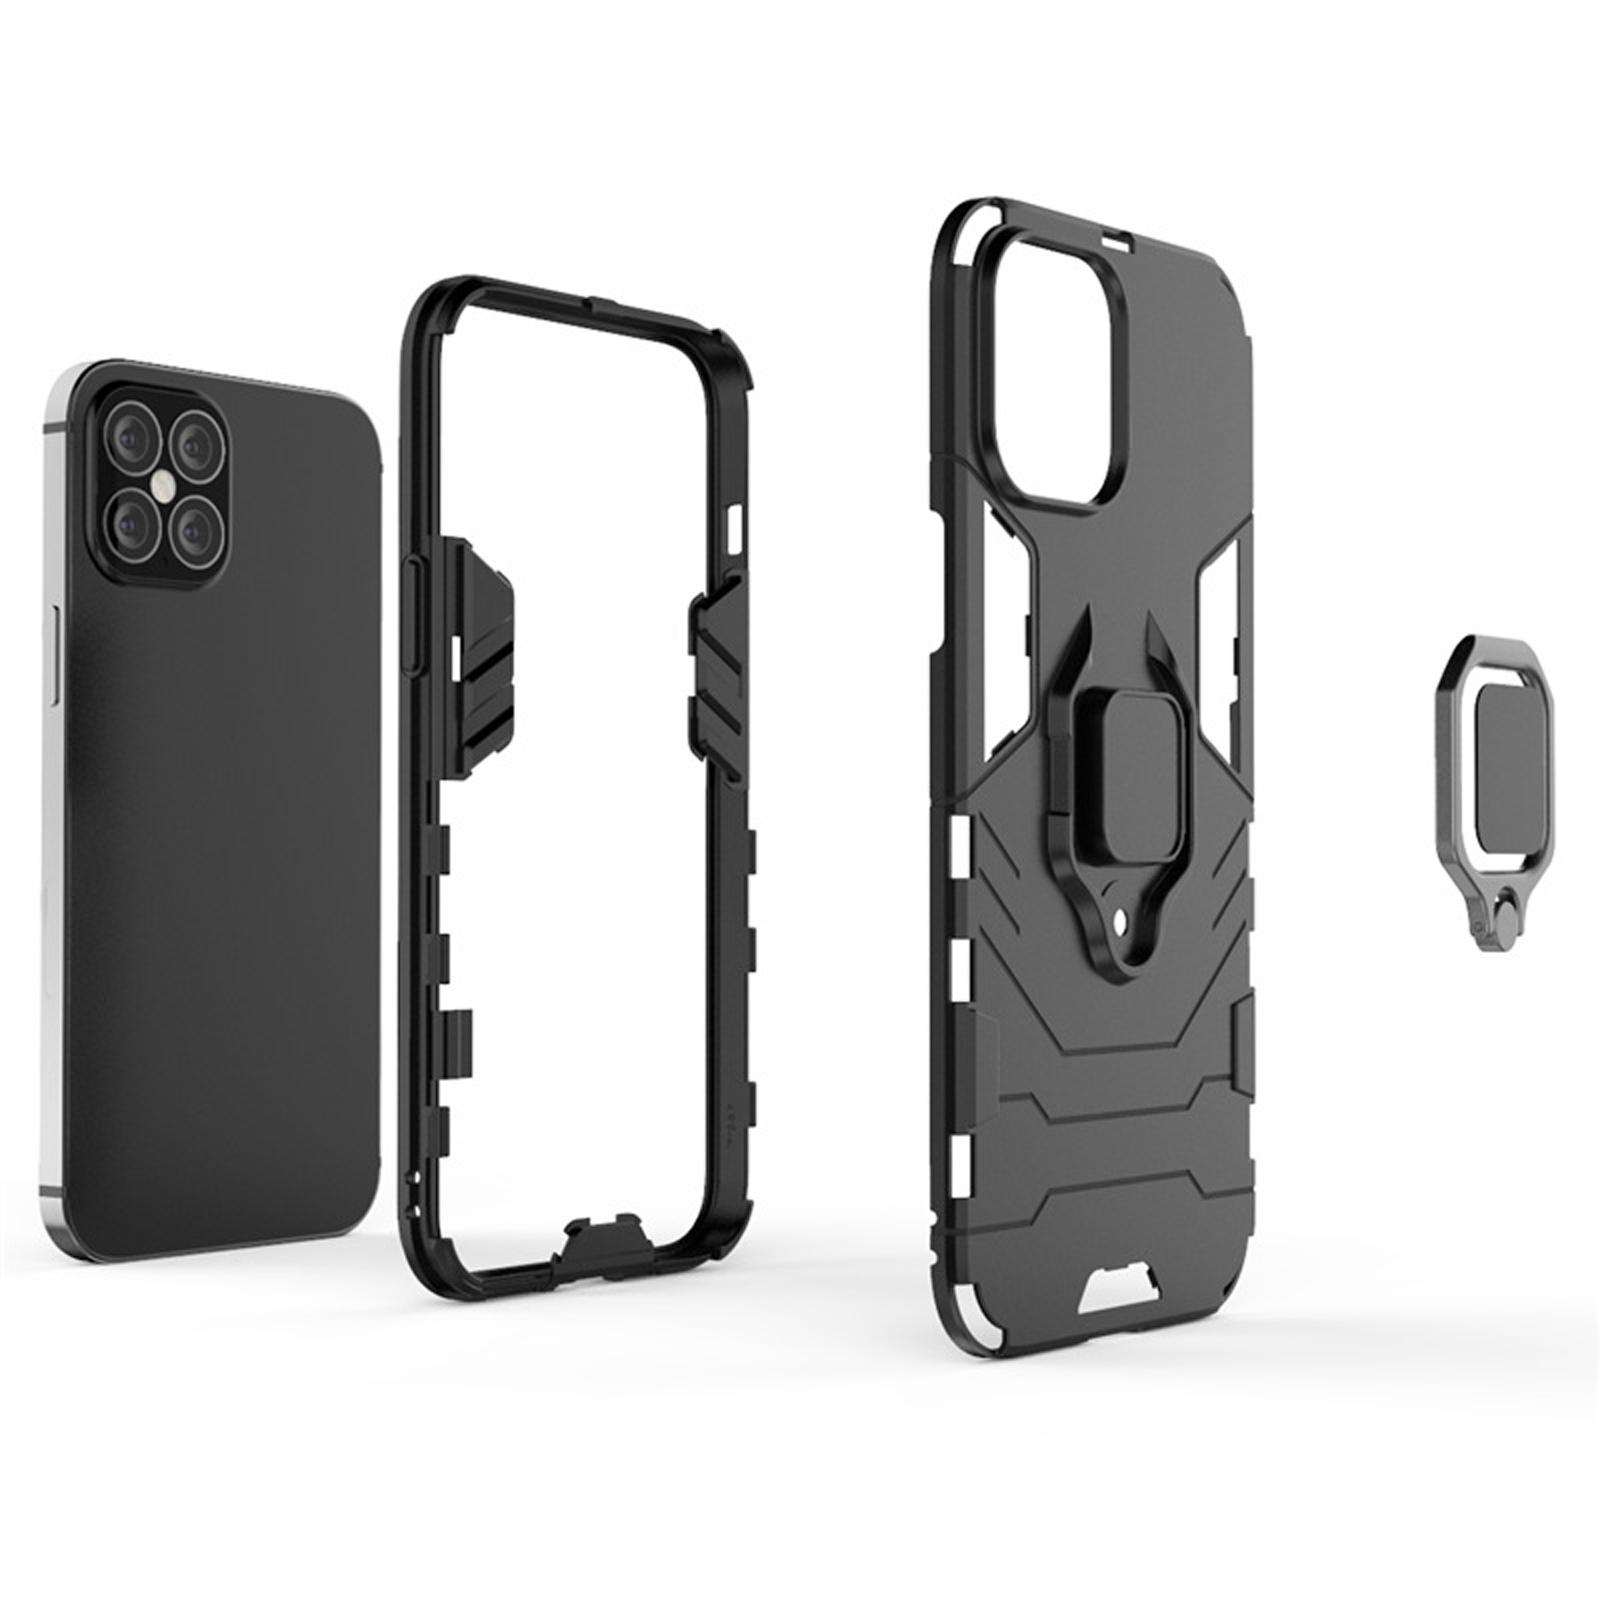 thumbnail 23 - For Apple iPhone 12 Pro Max Mini 11 XR X 8 7 Plus 6 Se 2020 Case Cover Ring